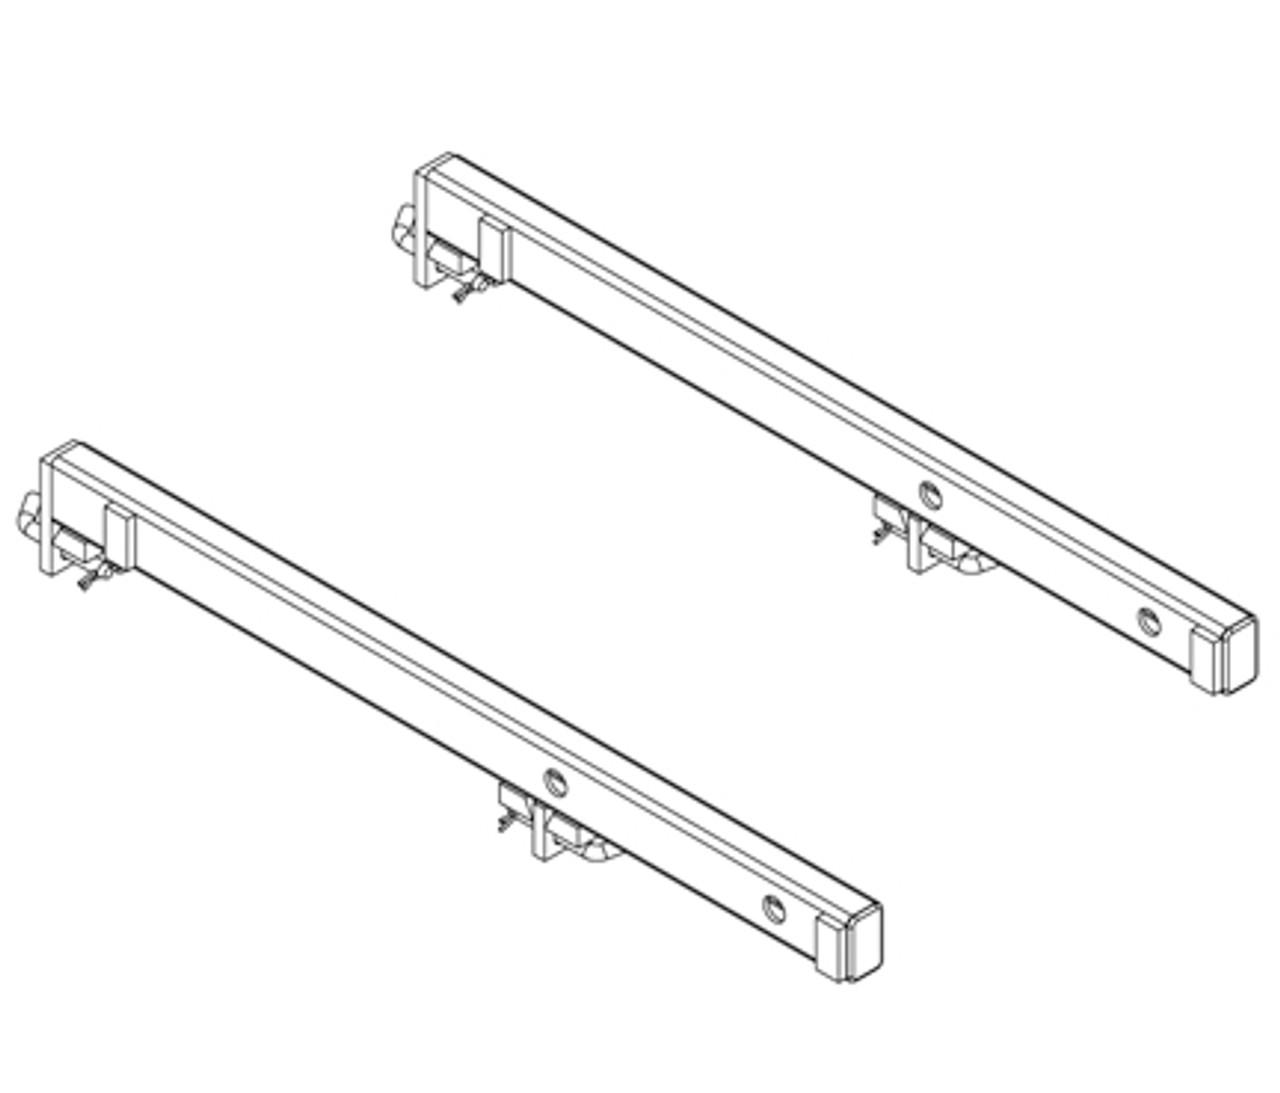 5999 --- Demco Ultra Slide Base Rail